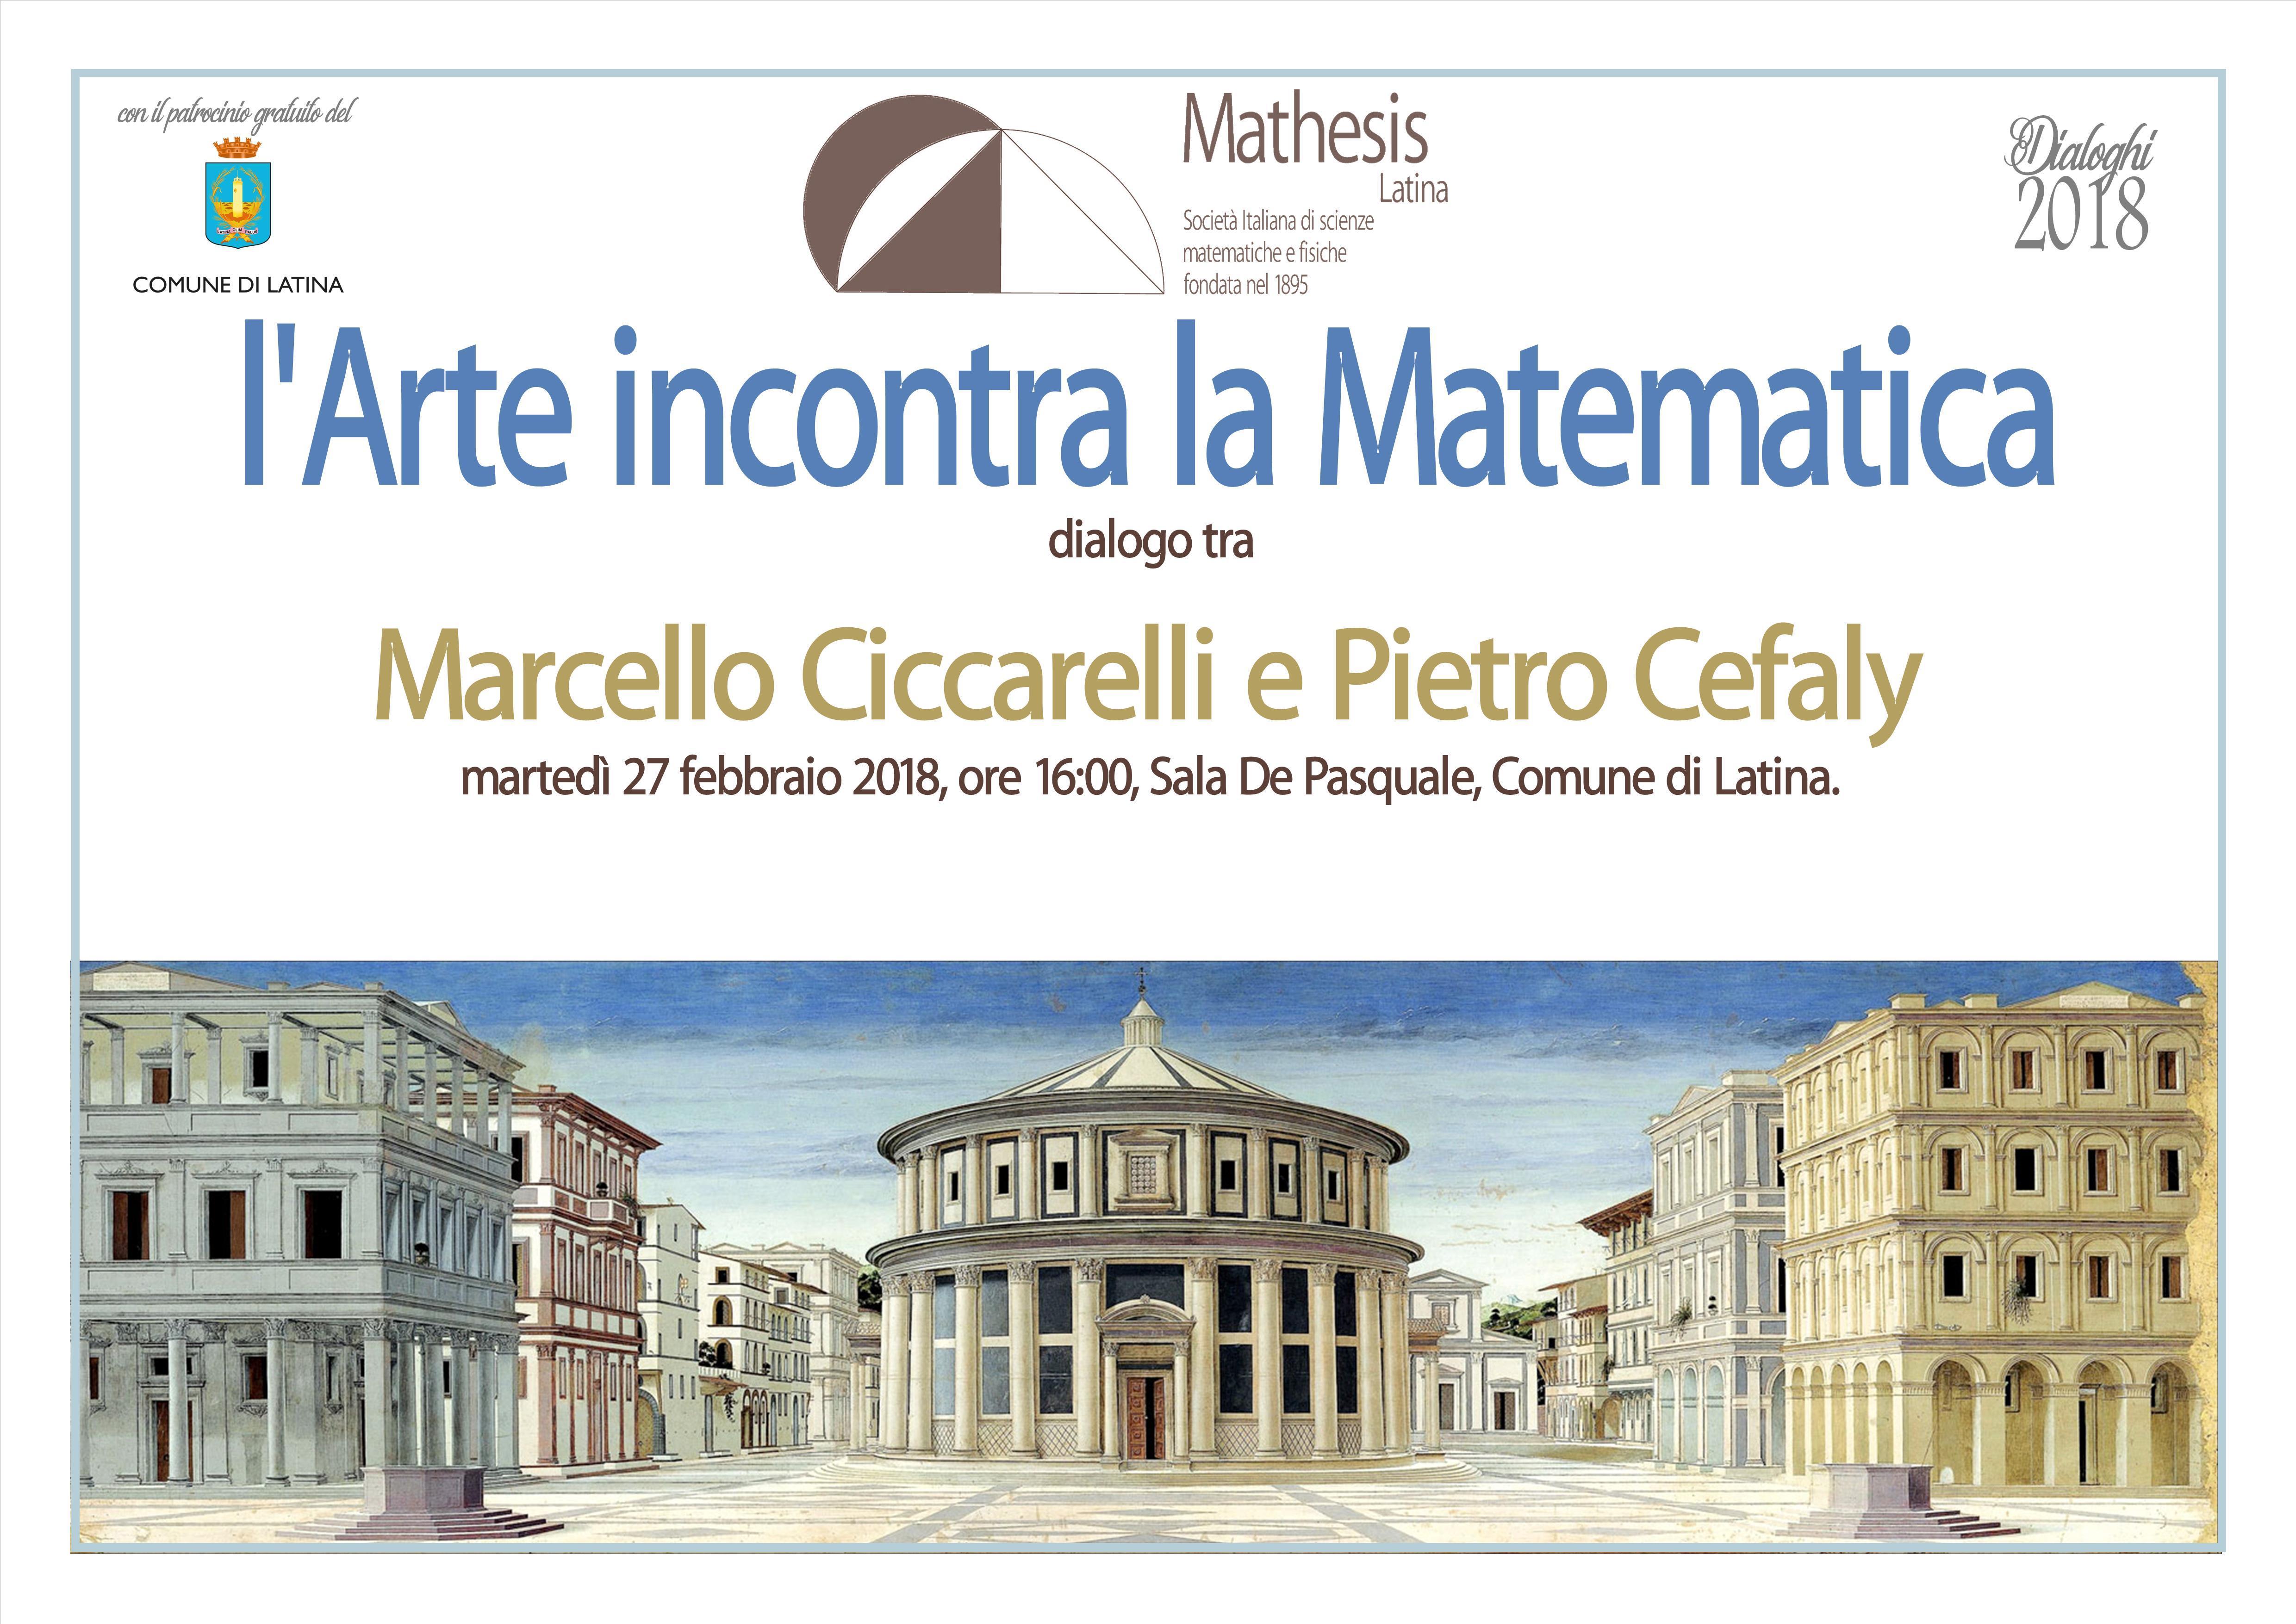 periodico di matematiche mathesis Numero 3 settembre-dicembre 2016volume 8 serie xii anno cxxvi rivista quadrimestrale periodico di matematiche organo della mathesis società italiana di.